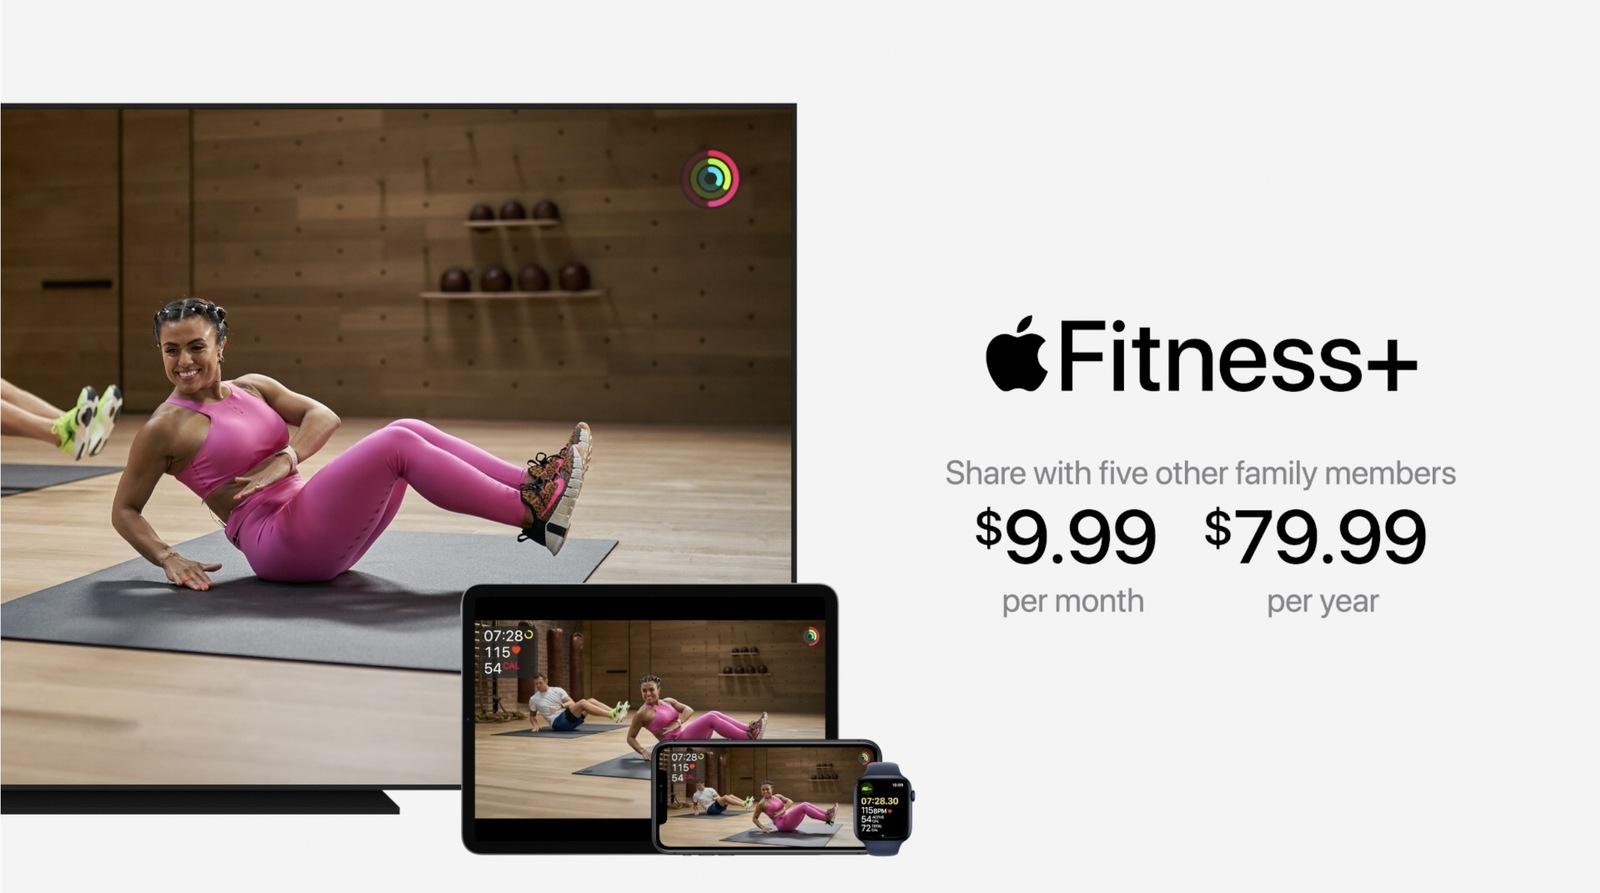 苹果推出Fitness+健身服务,购买新Apple Watch可获三个月免费试用